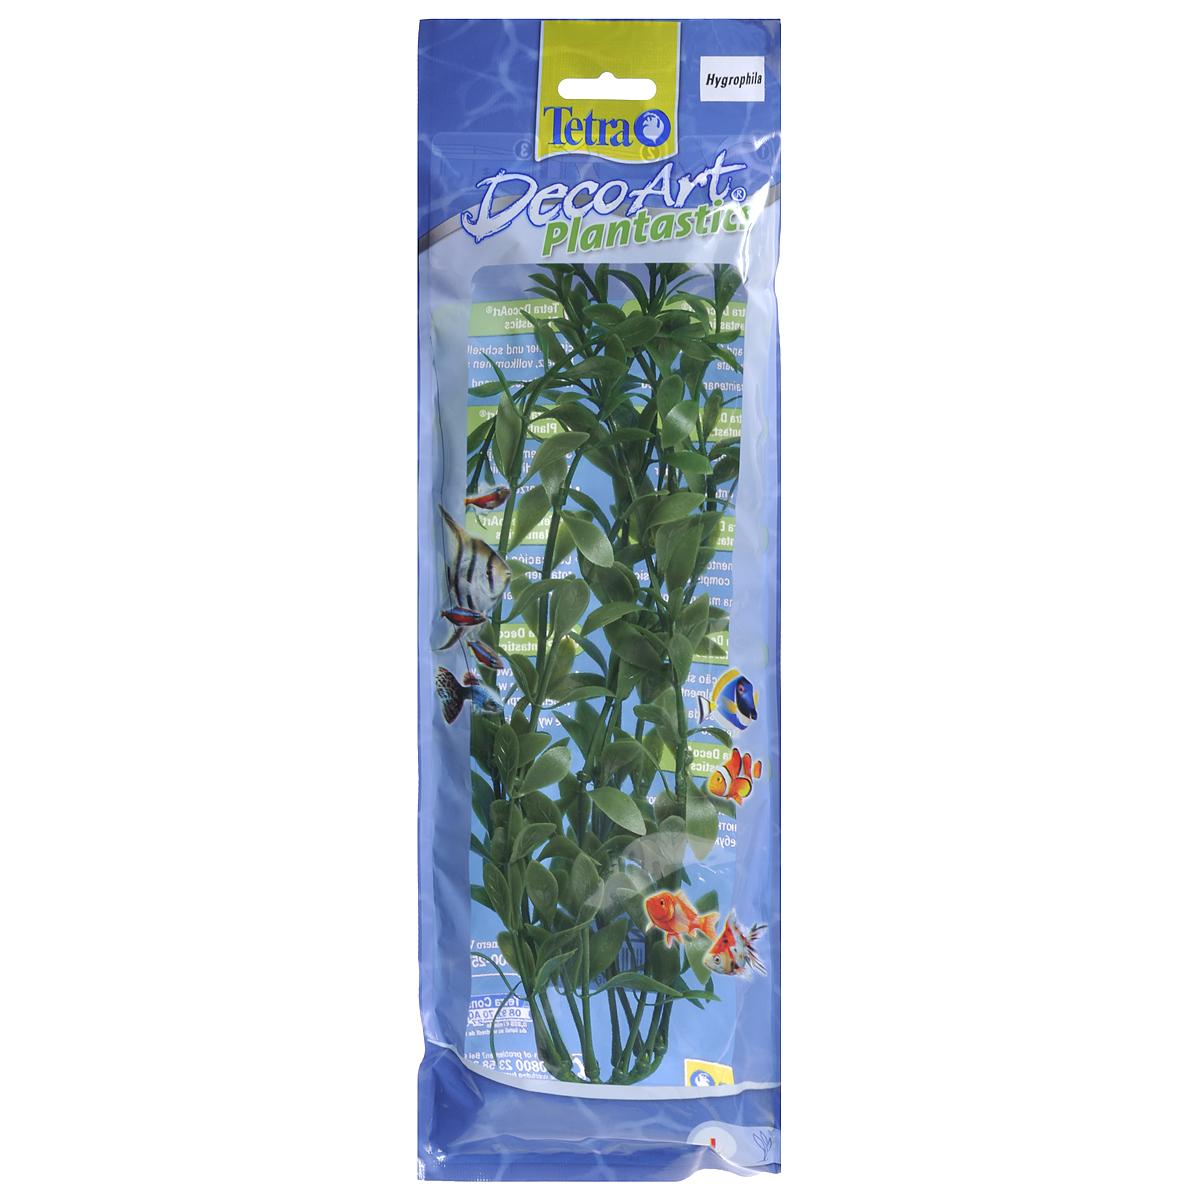 Искусственное растение для аквариума Tetra Гигрофила L607033Это растение хорошо подойдет для оформления аквариума. Естественно выглядящее искусственное растение; Для использования в любых аквариумах; Создает отличное место для укрытия (в т.ч. для метания икры); Легко и быстро устанавливается, является абсолютно безопасным; Не требует ухода; Долгое время не теряет форму и окраску. Высота растения: 30 см.